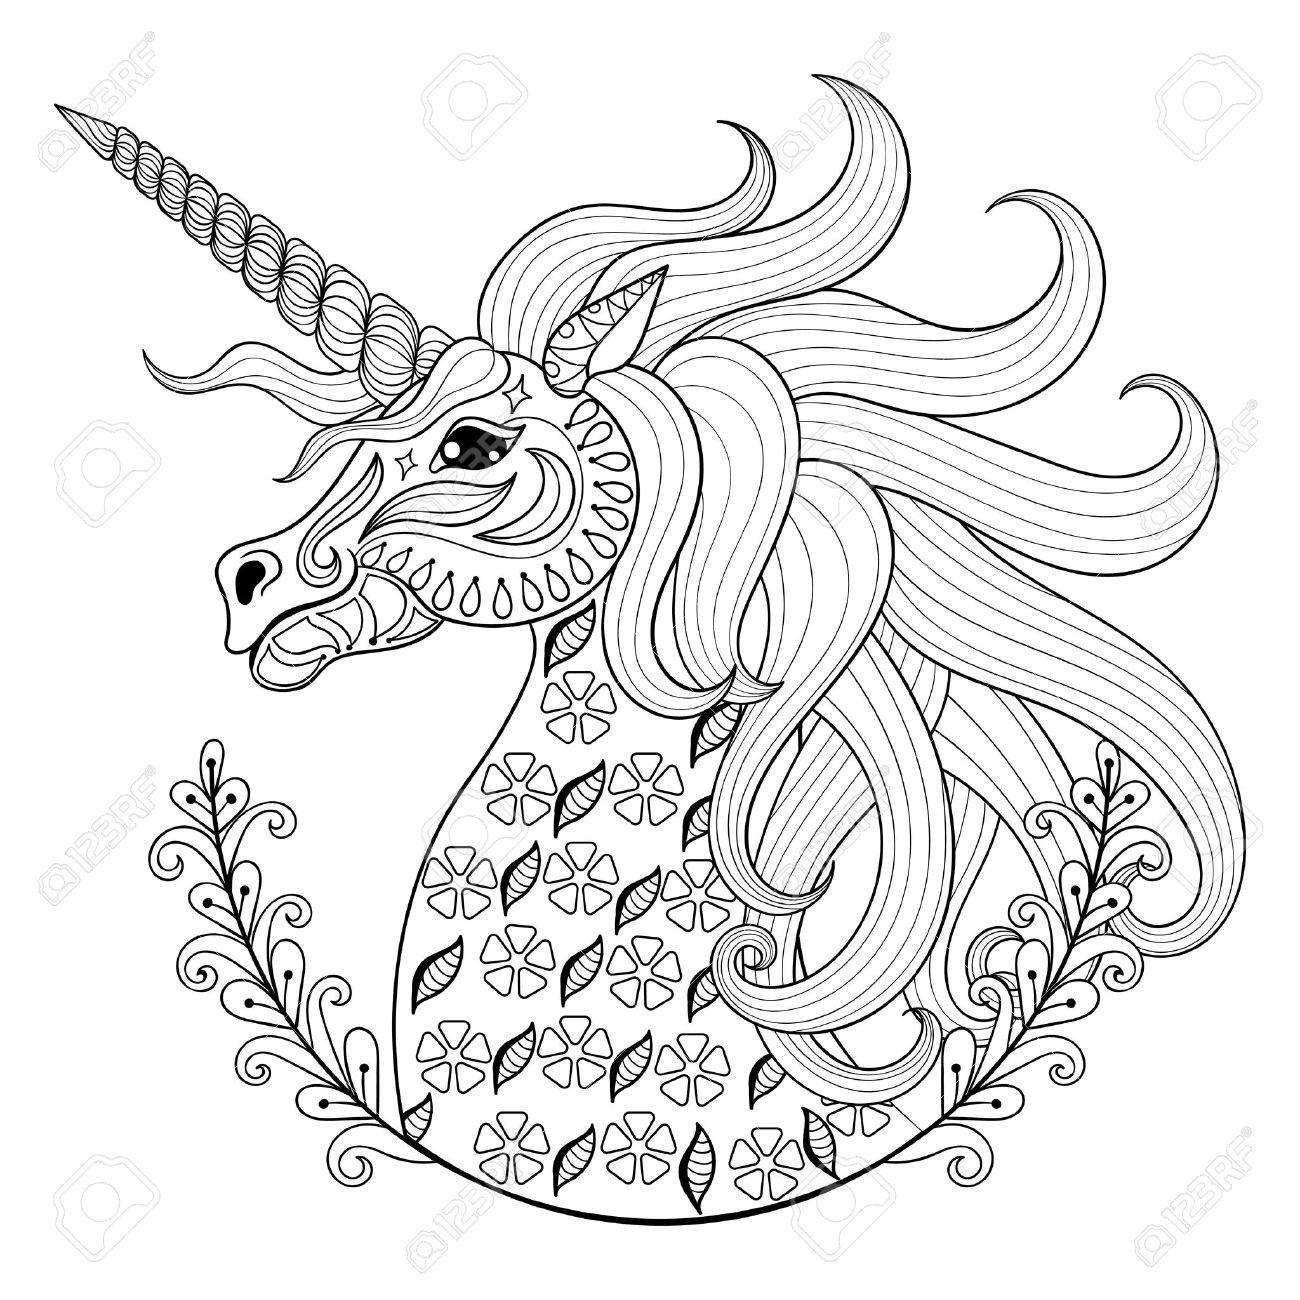 Gráfico De La Mano Del Unicornio Para Colorear Páginas Para